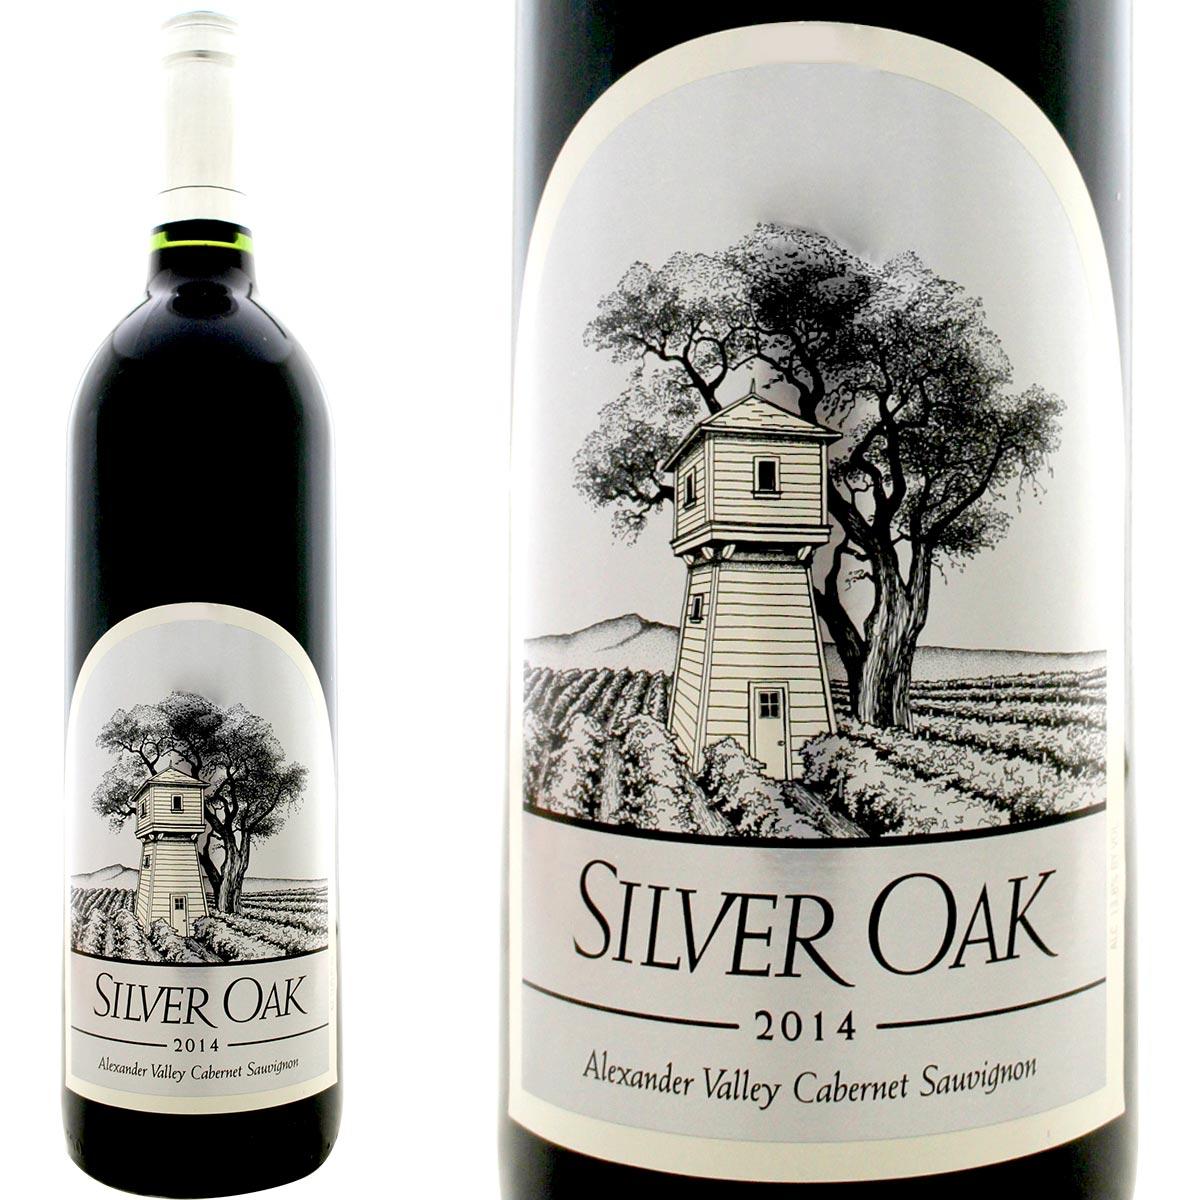 シルヴァー・オーク・アレキサンダー・ヴァレー・カベルネ・ソーヴィニョン 2014【Silver Oak】【赤ワイン】【750ml】【カリフォルニア】【Sonoma】